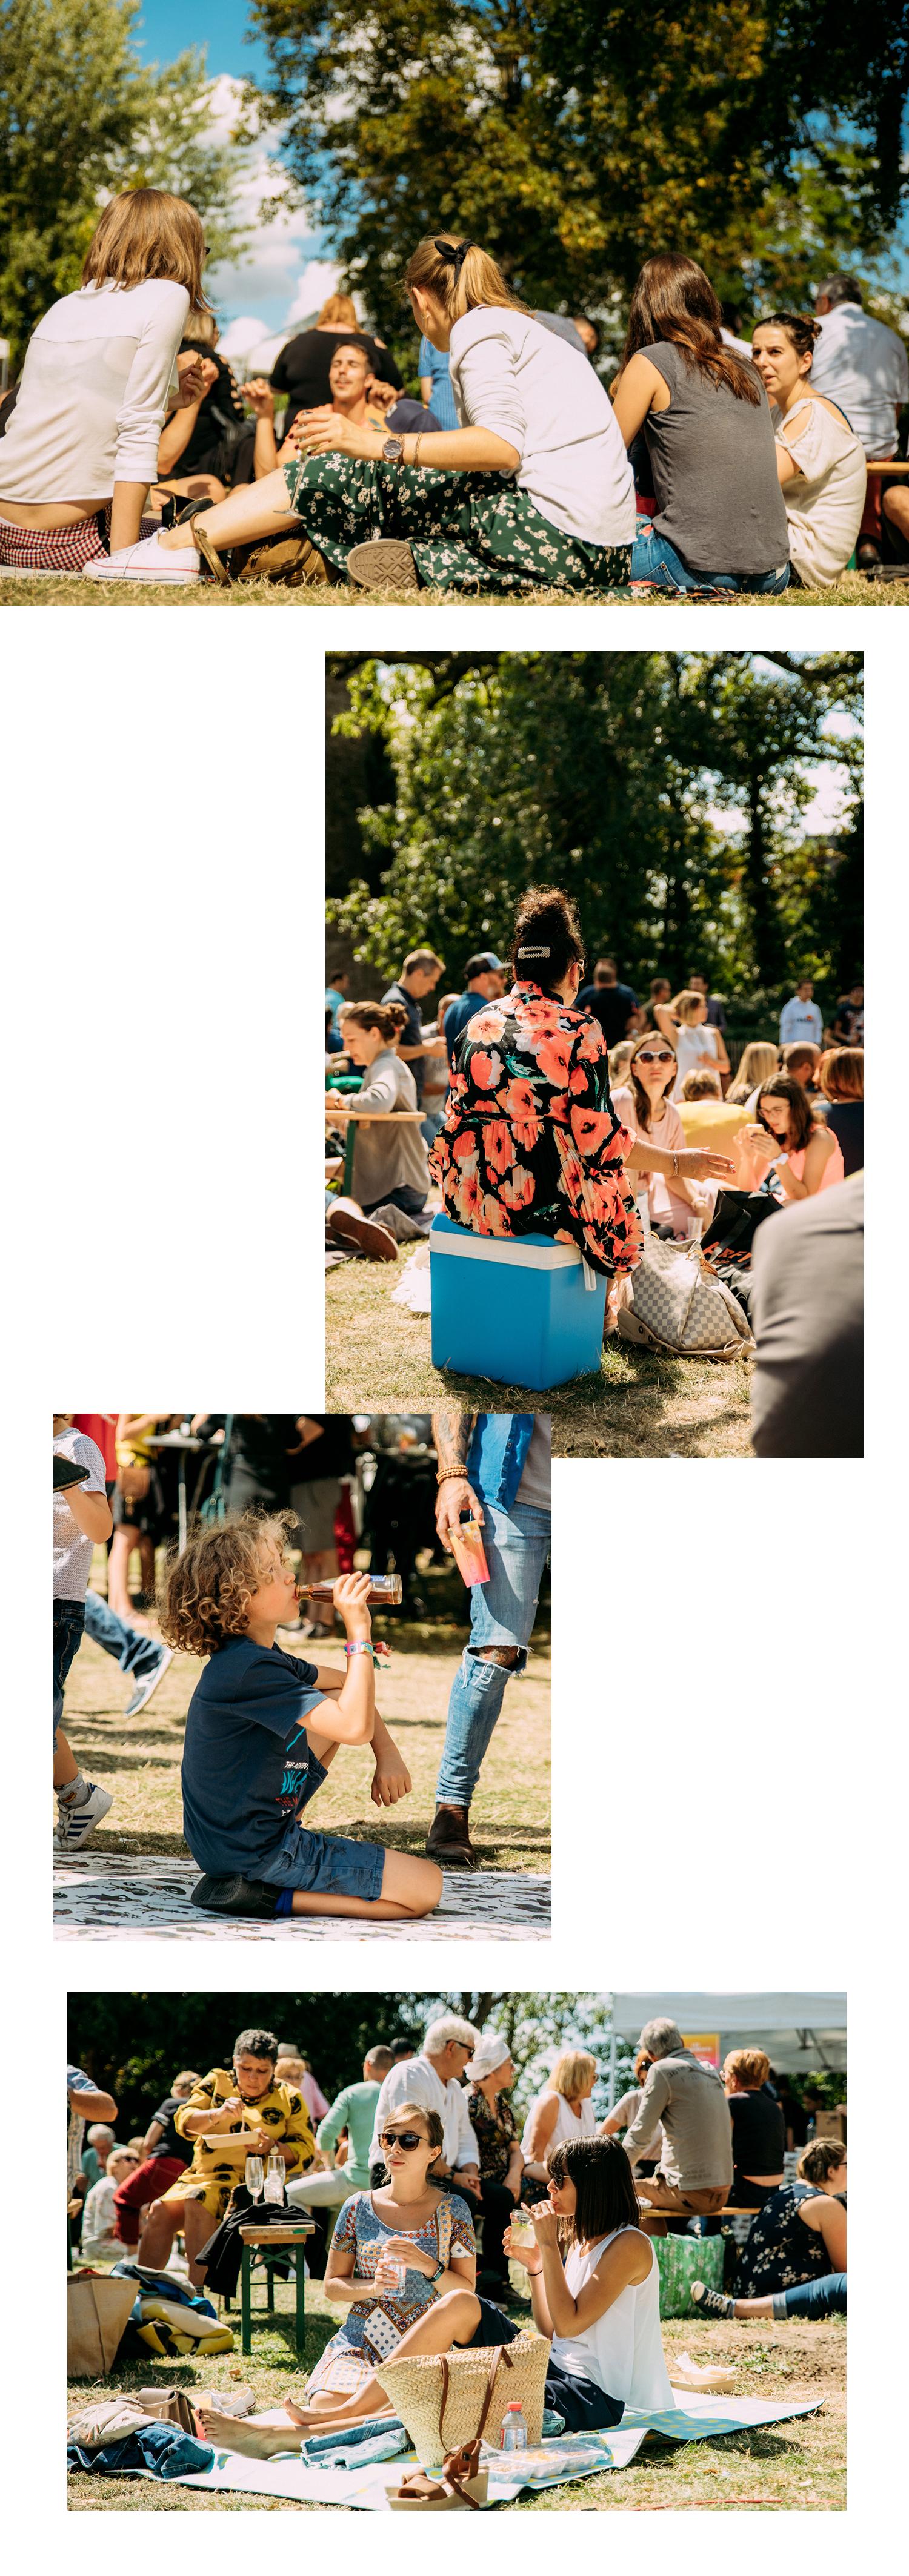 Dimanche Toqué – Fondation Mons 2025